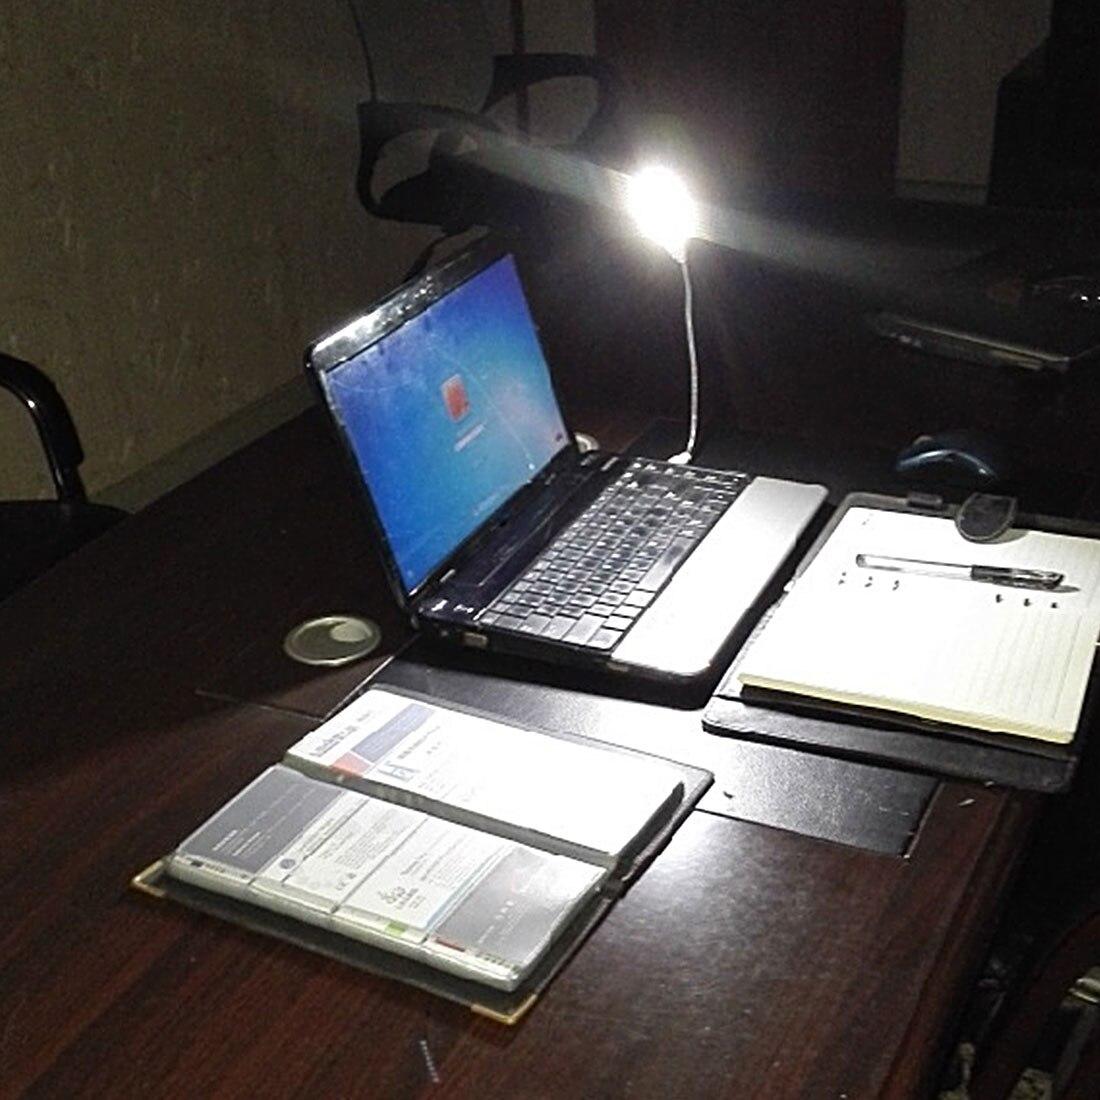 8 LED 5V Bulb Cold/Warm White Lamp Mini USB LED Night Light Lamp Book Light for Reading PC Notebook Power Bank Laptop8 LED 5V Bulb Cold/Warm White Lamp Mini USB LED Night Light Lamp Book Light for Reading PC Notebook Power Bank Laptop